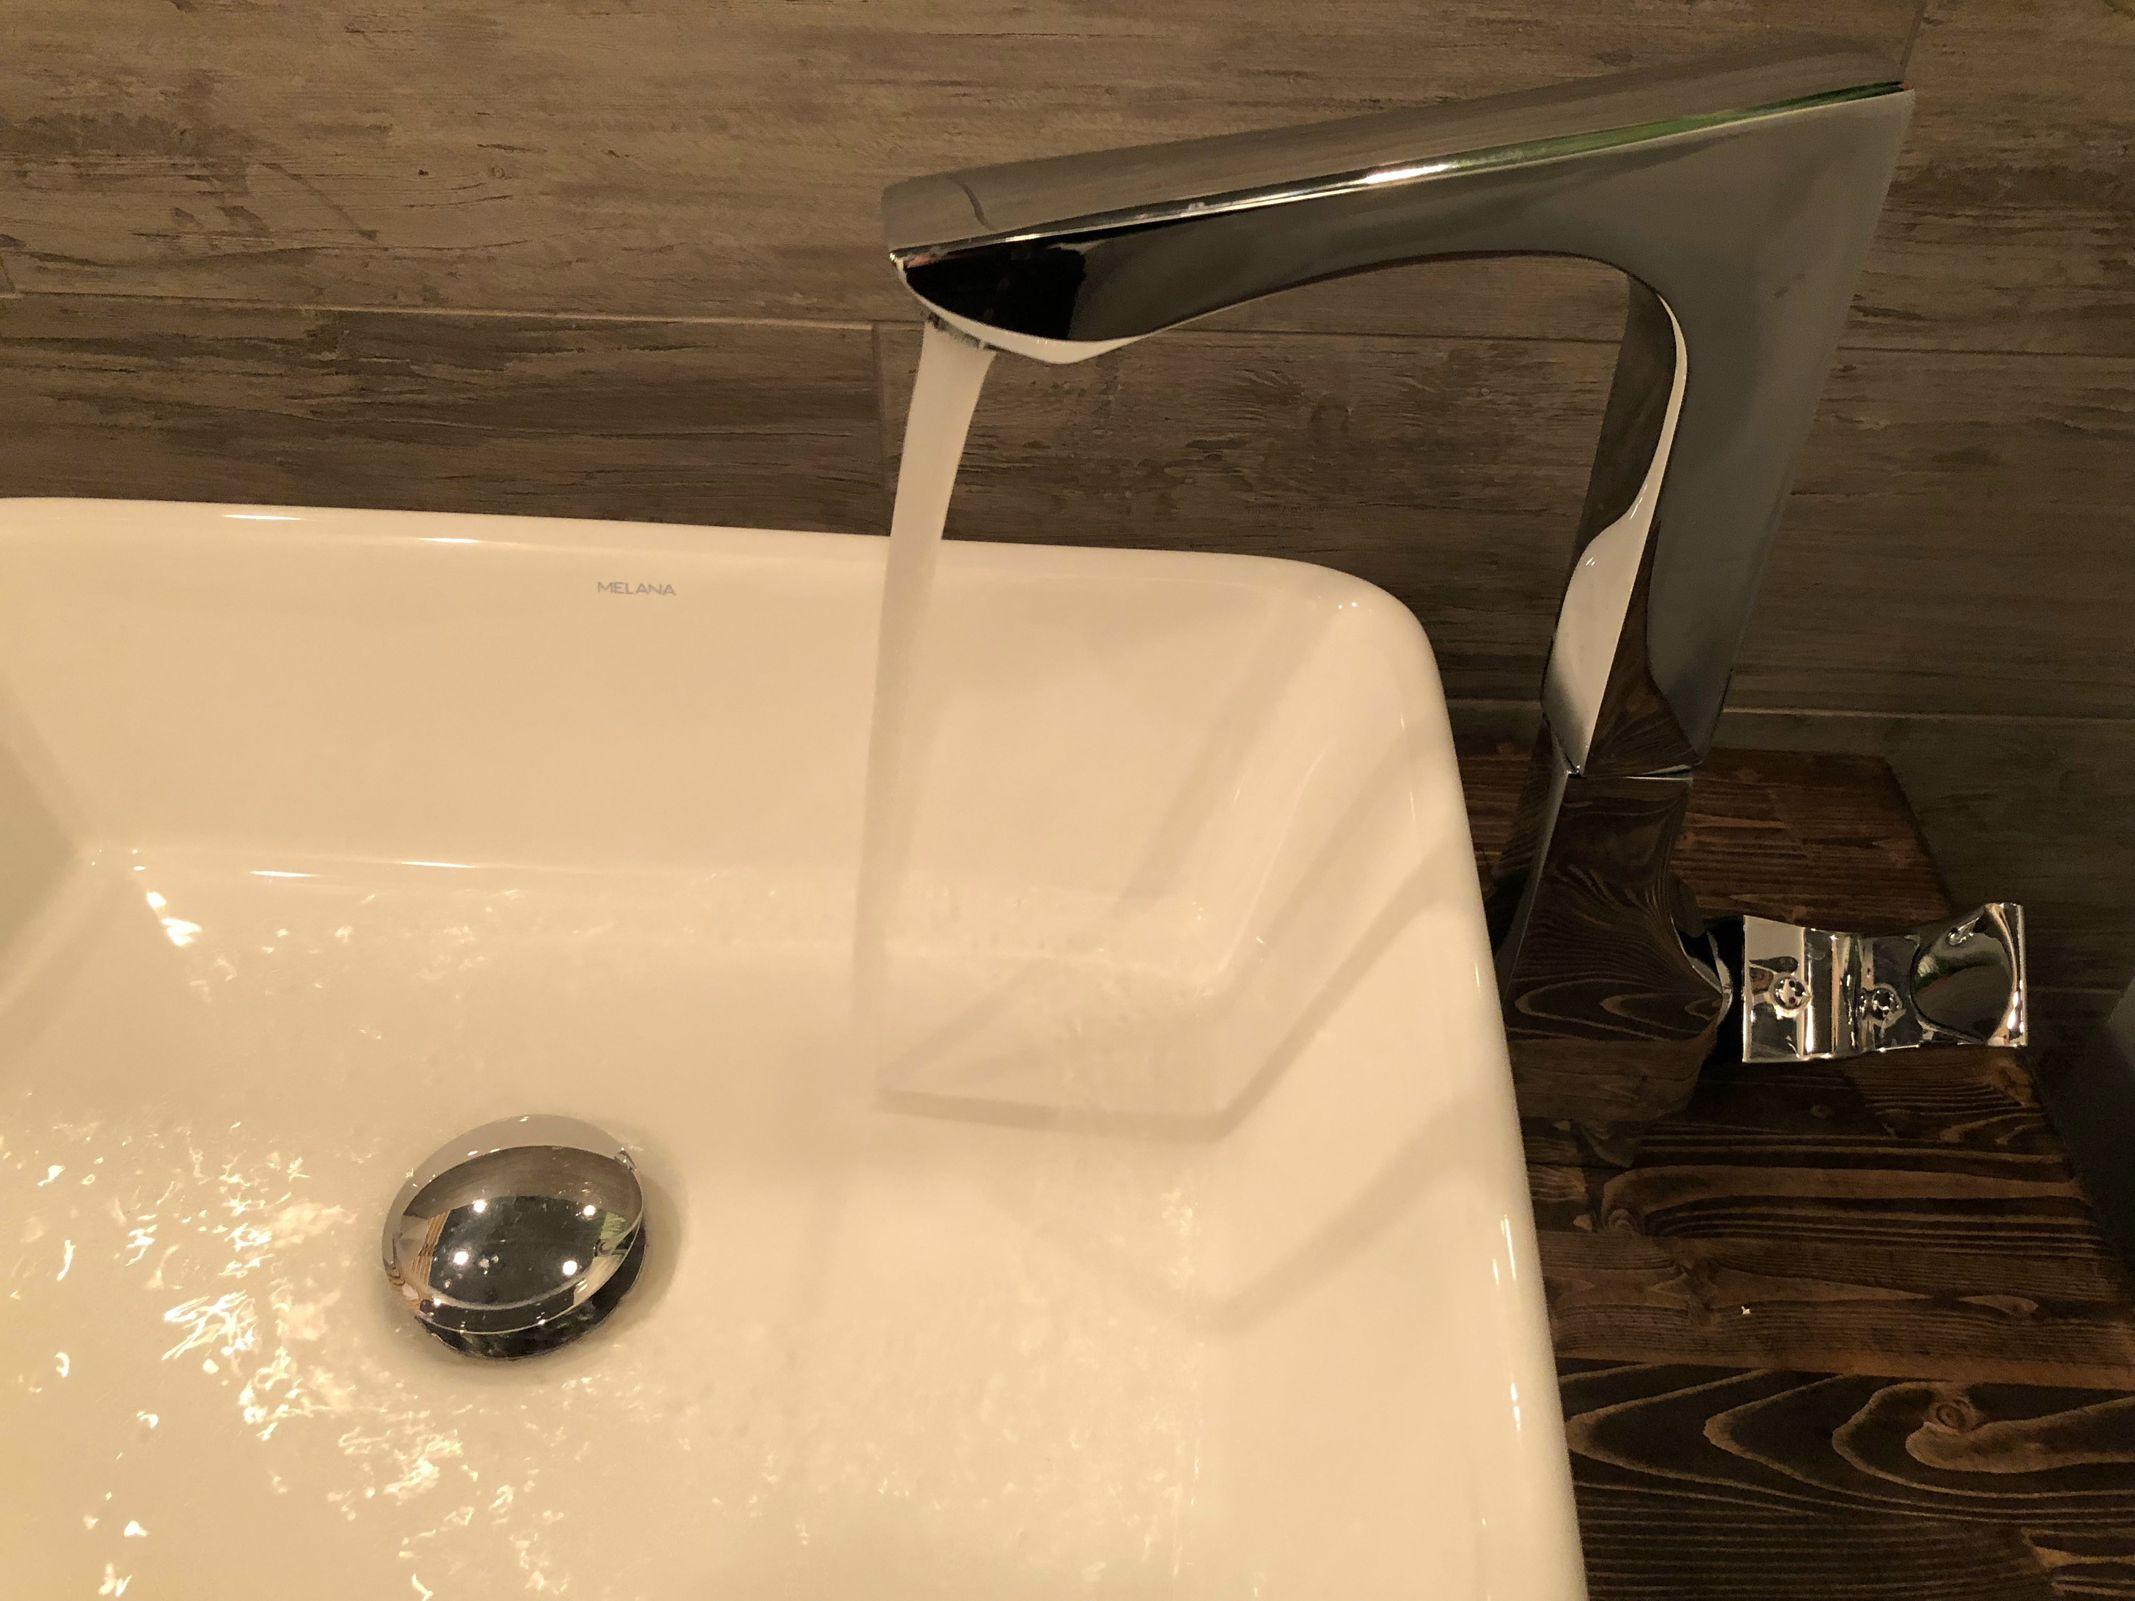 Ярославцам сделают перерасчет из-за плохого качества воды